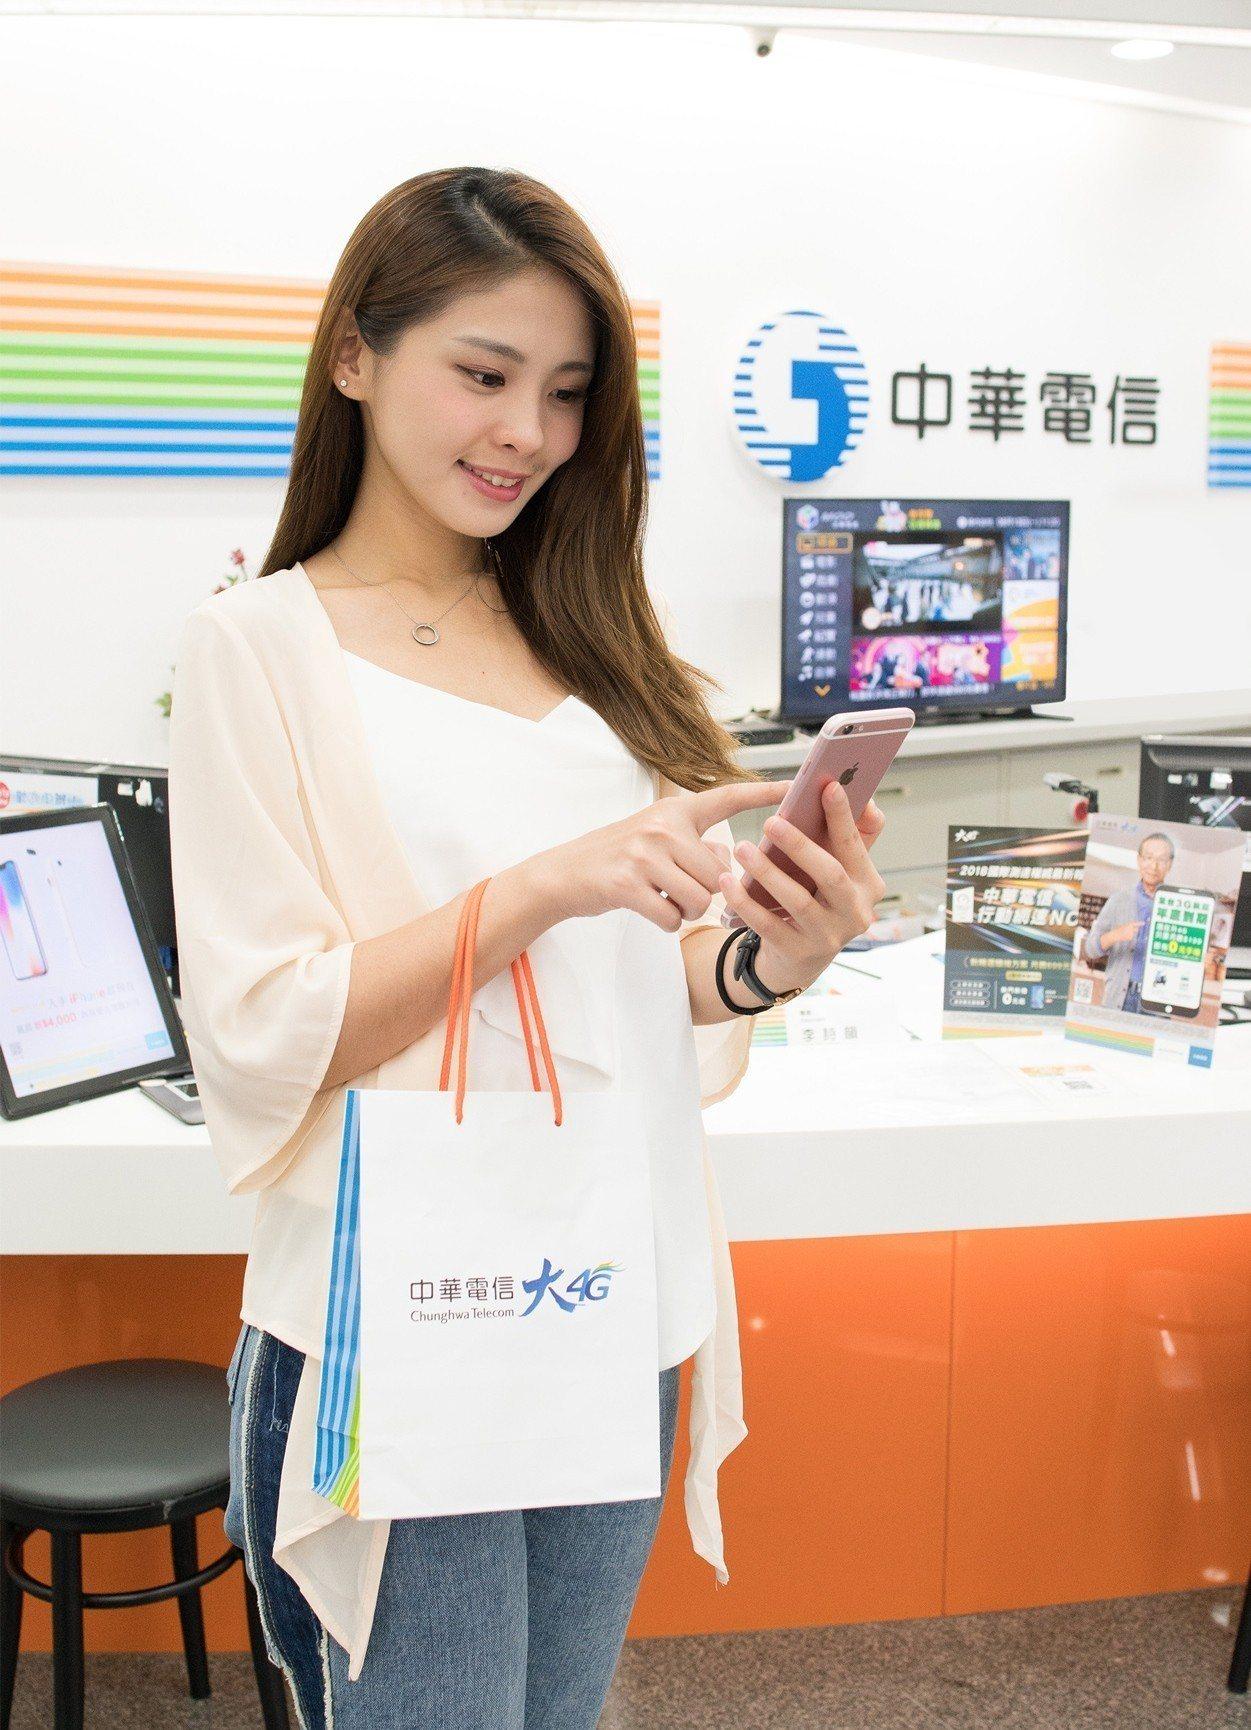 中華電信青春無敵學生方案優惠再加碼,月付588元享上網加網內通話雙飽,再輕鬆入手...